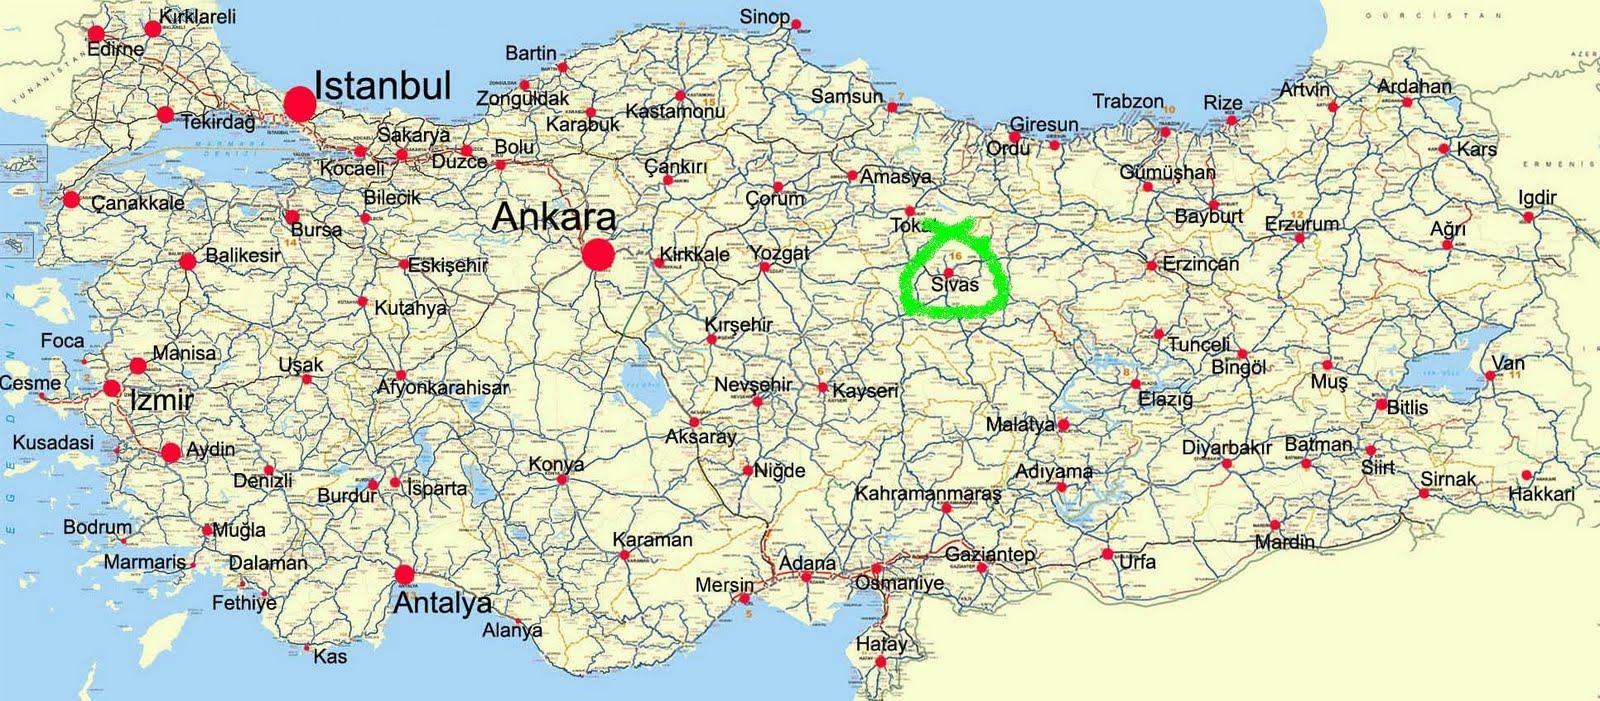 http://1.bp.blogspot.com/_WIsBrp0tpeU/S4qyUA-UP6I/AAAAAAAADTs/BH78iDes-c4/s1600/turkiye_haritasi.jpg